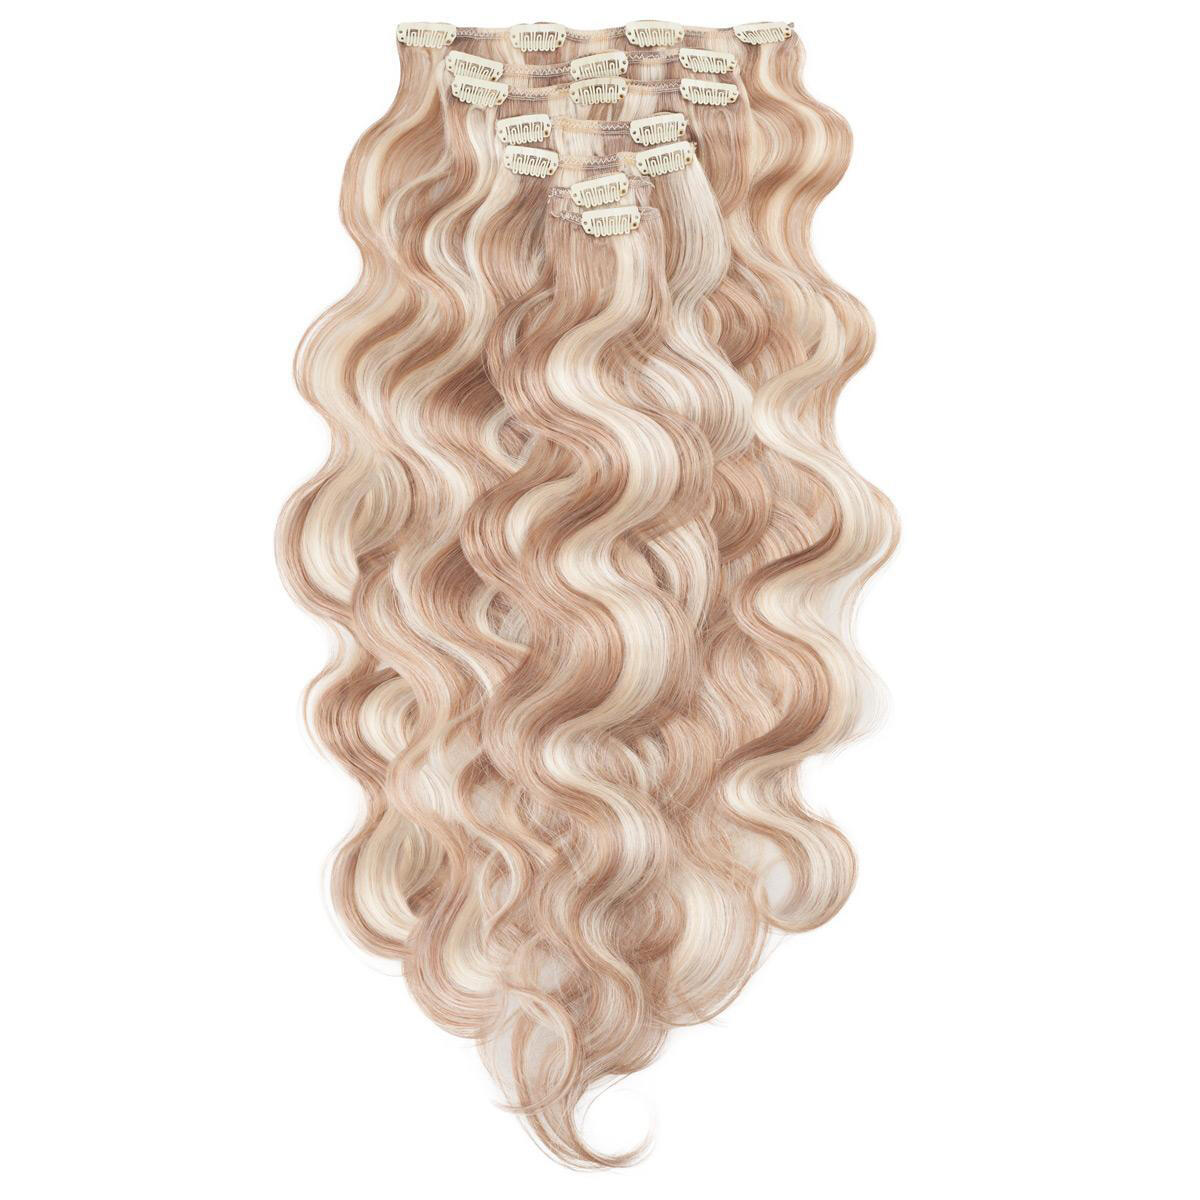 Clip-on set Original 7 pieces Body Wave M7.3/10.8 Cendre Ash Blonde Mix 60 cm